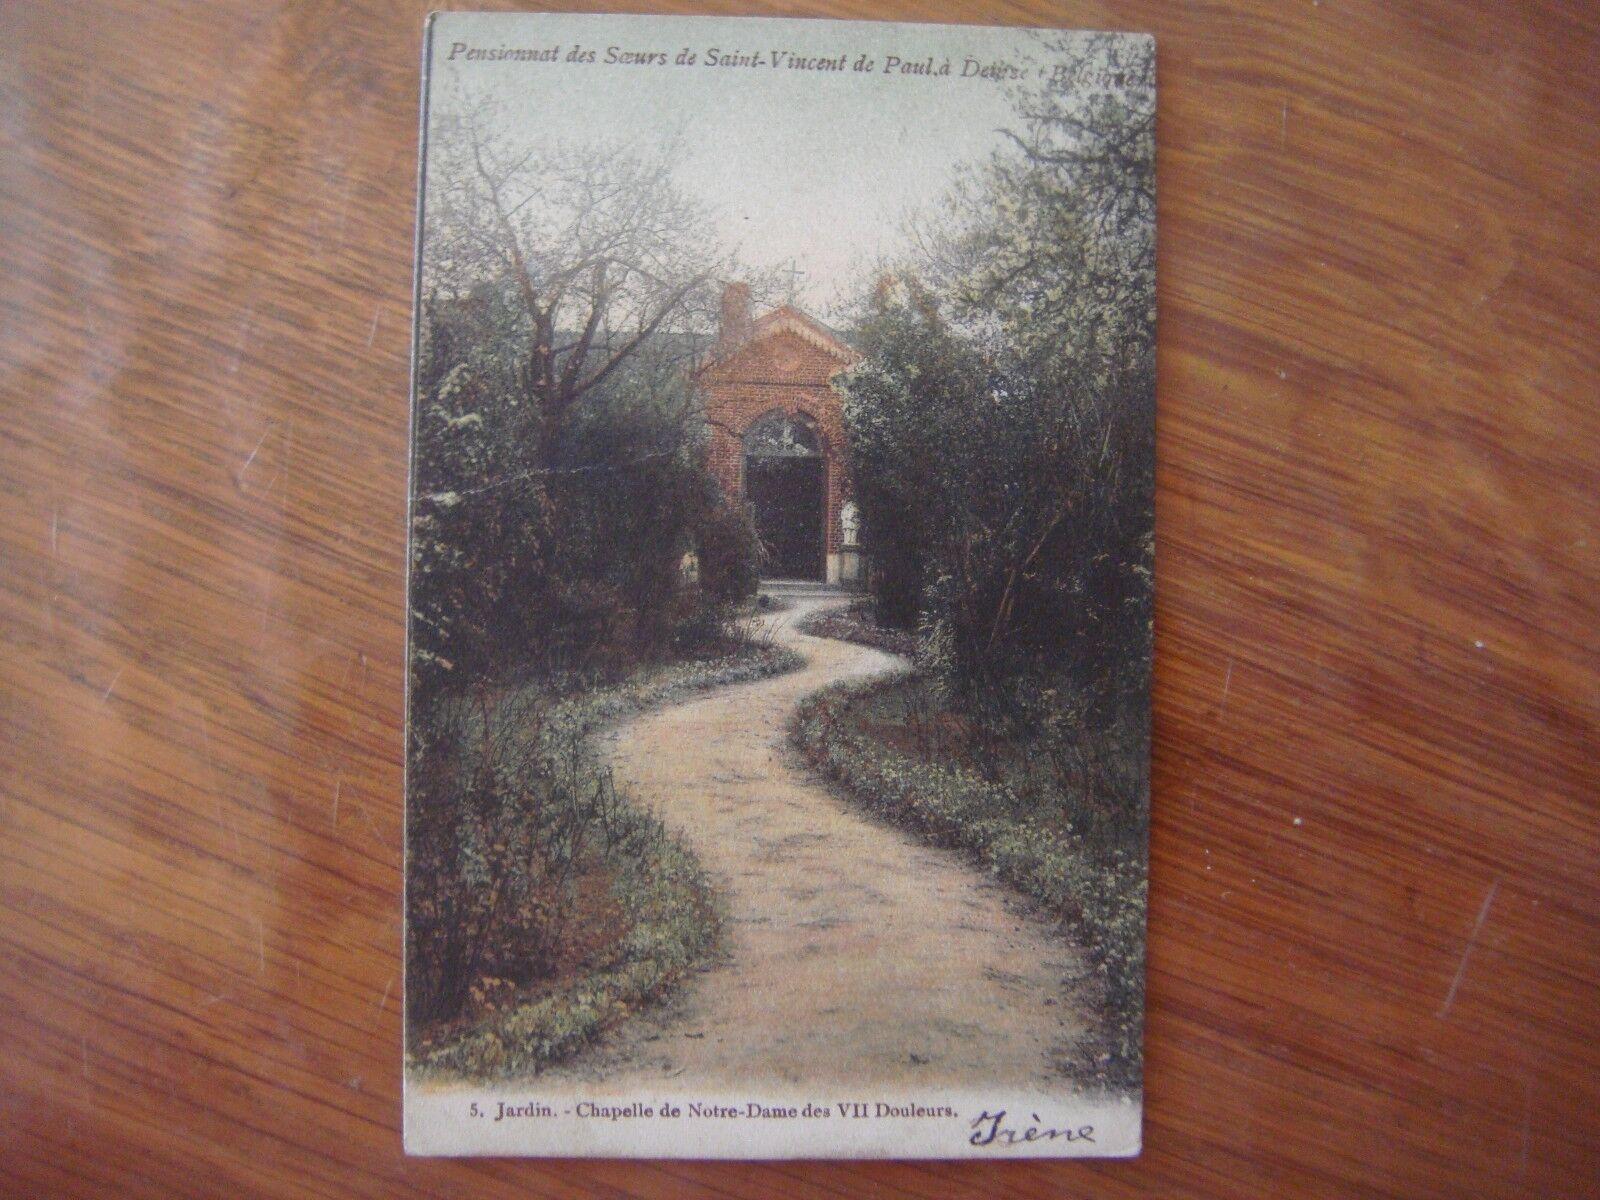 DEINZE - Pensionnat des Soeurs de St Vincent de Paul - Jardin chapelle (colorée)